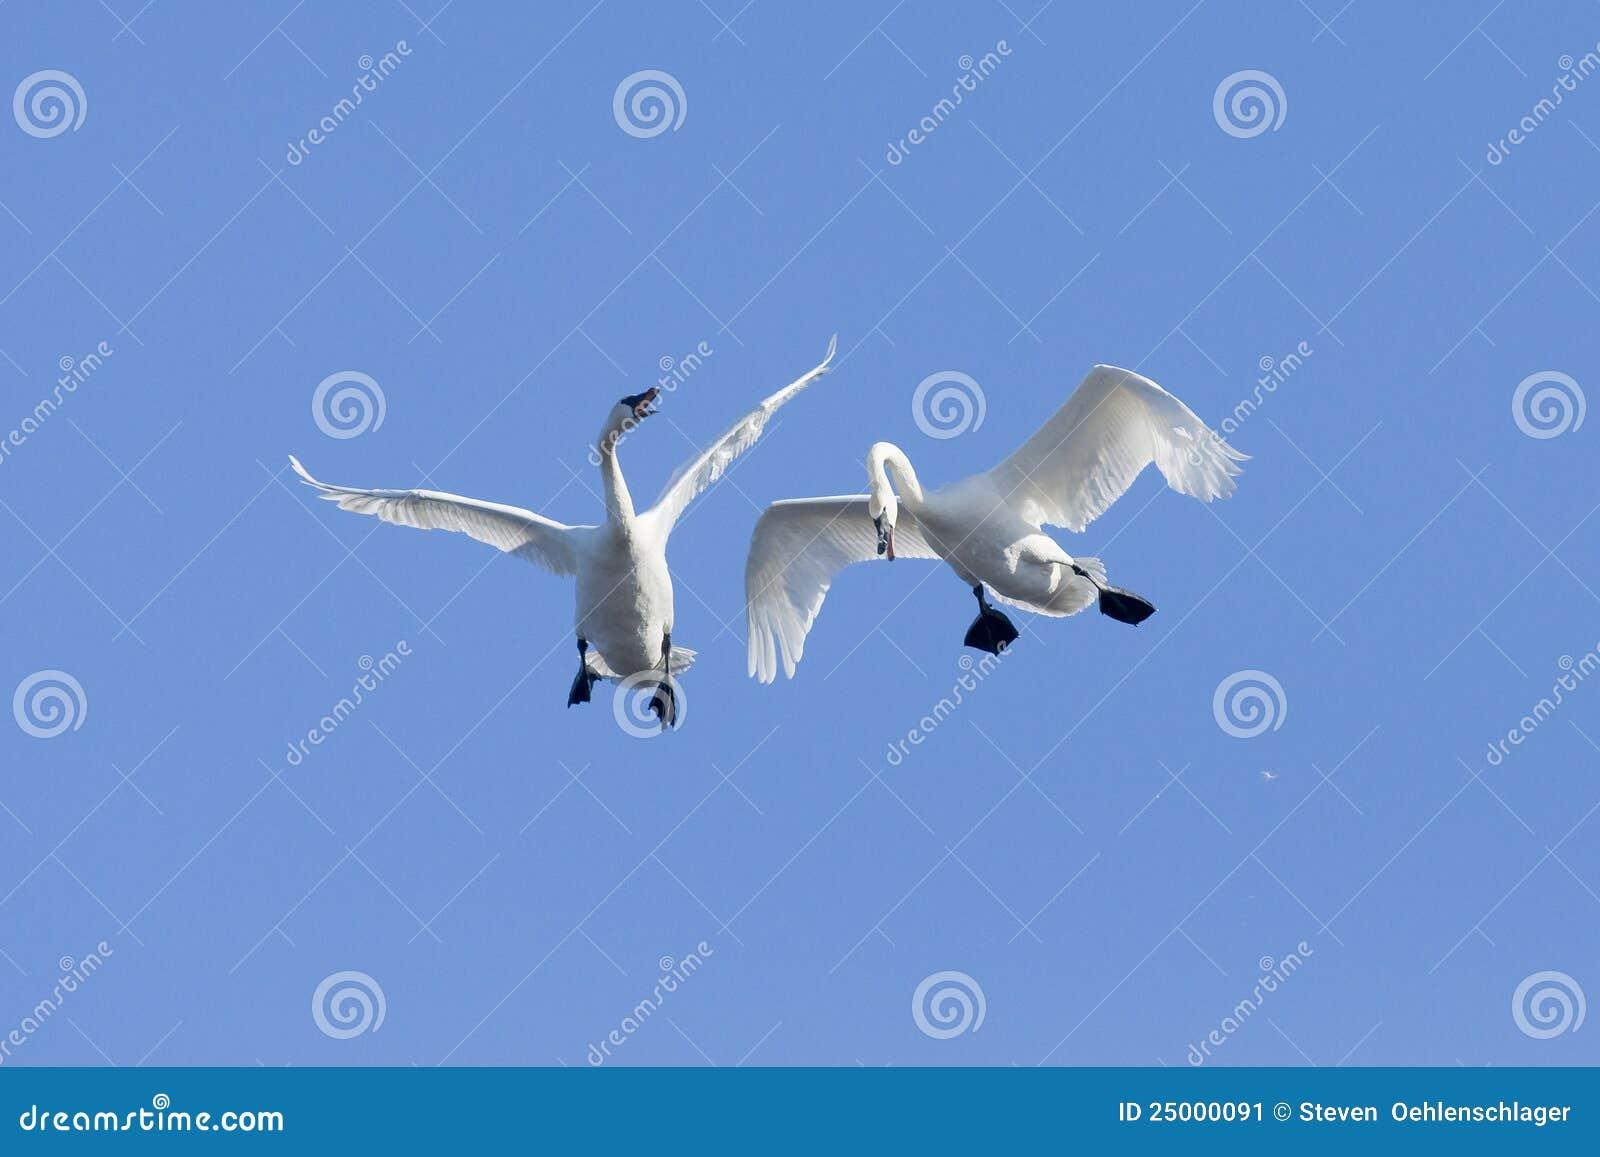 Paare Flugwesen Schwäne